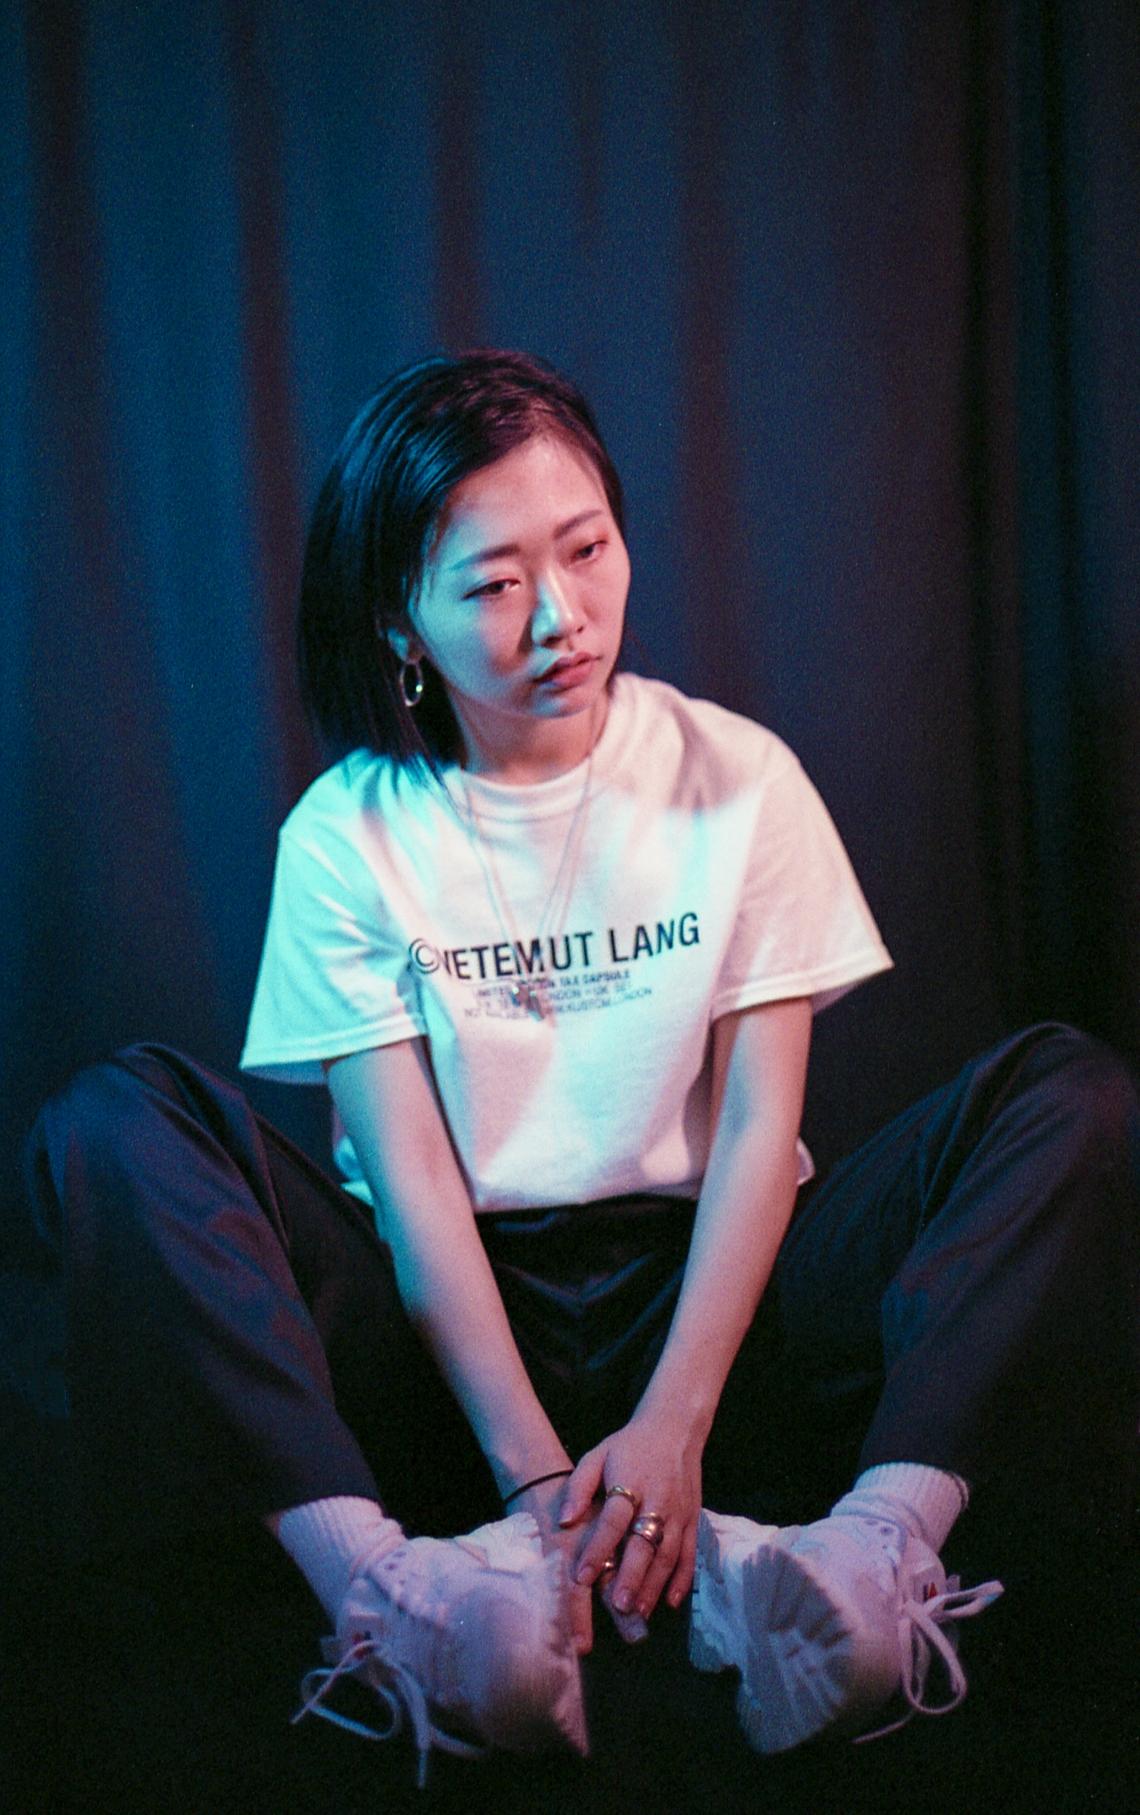 YEOJAMag-Girl_Gaze_Ivy-Photography-Pu_8